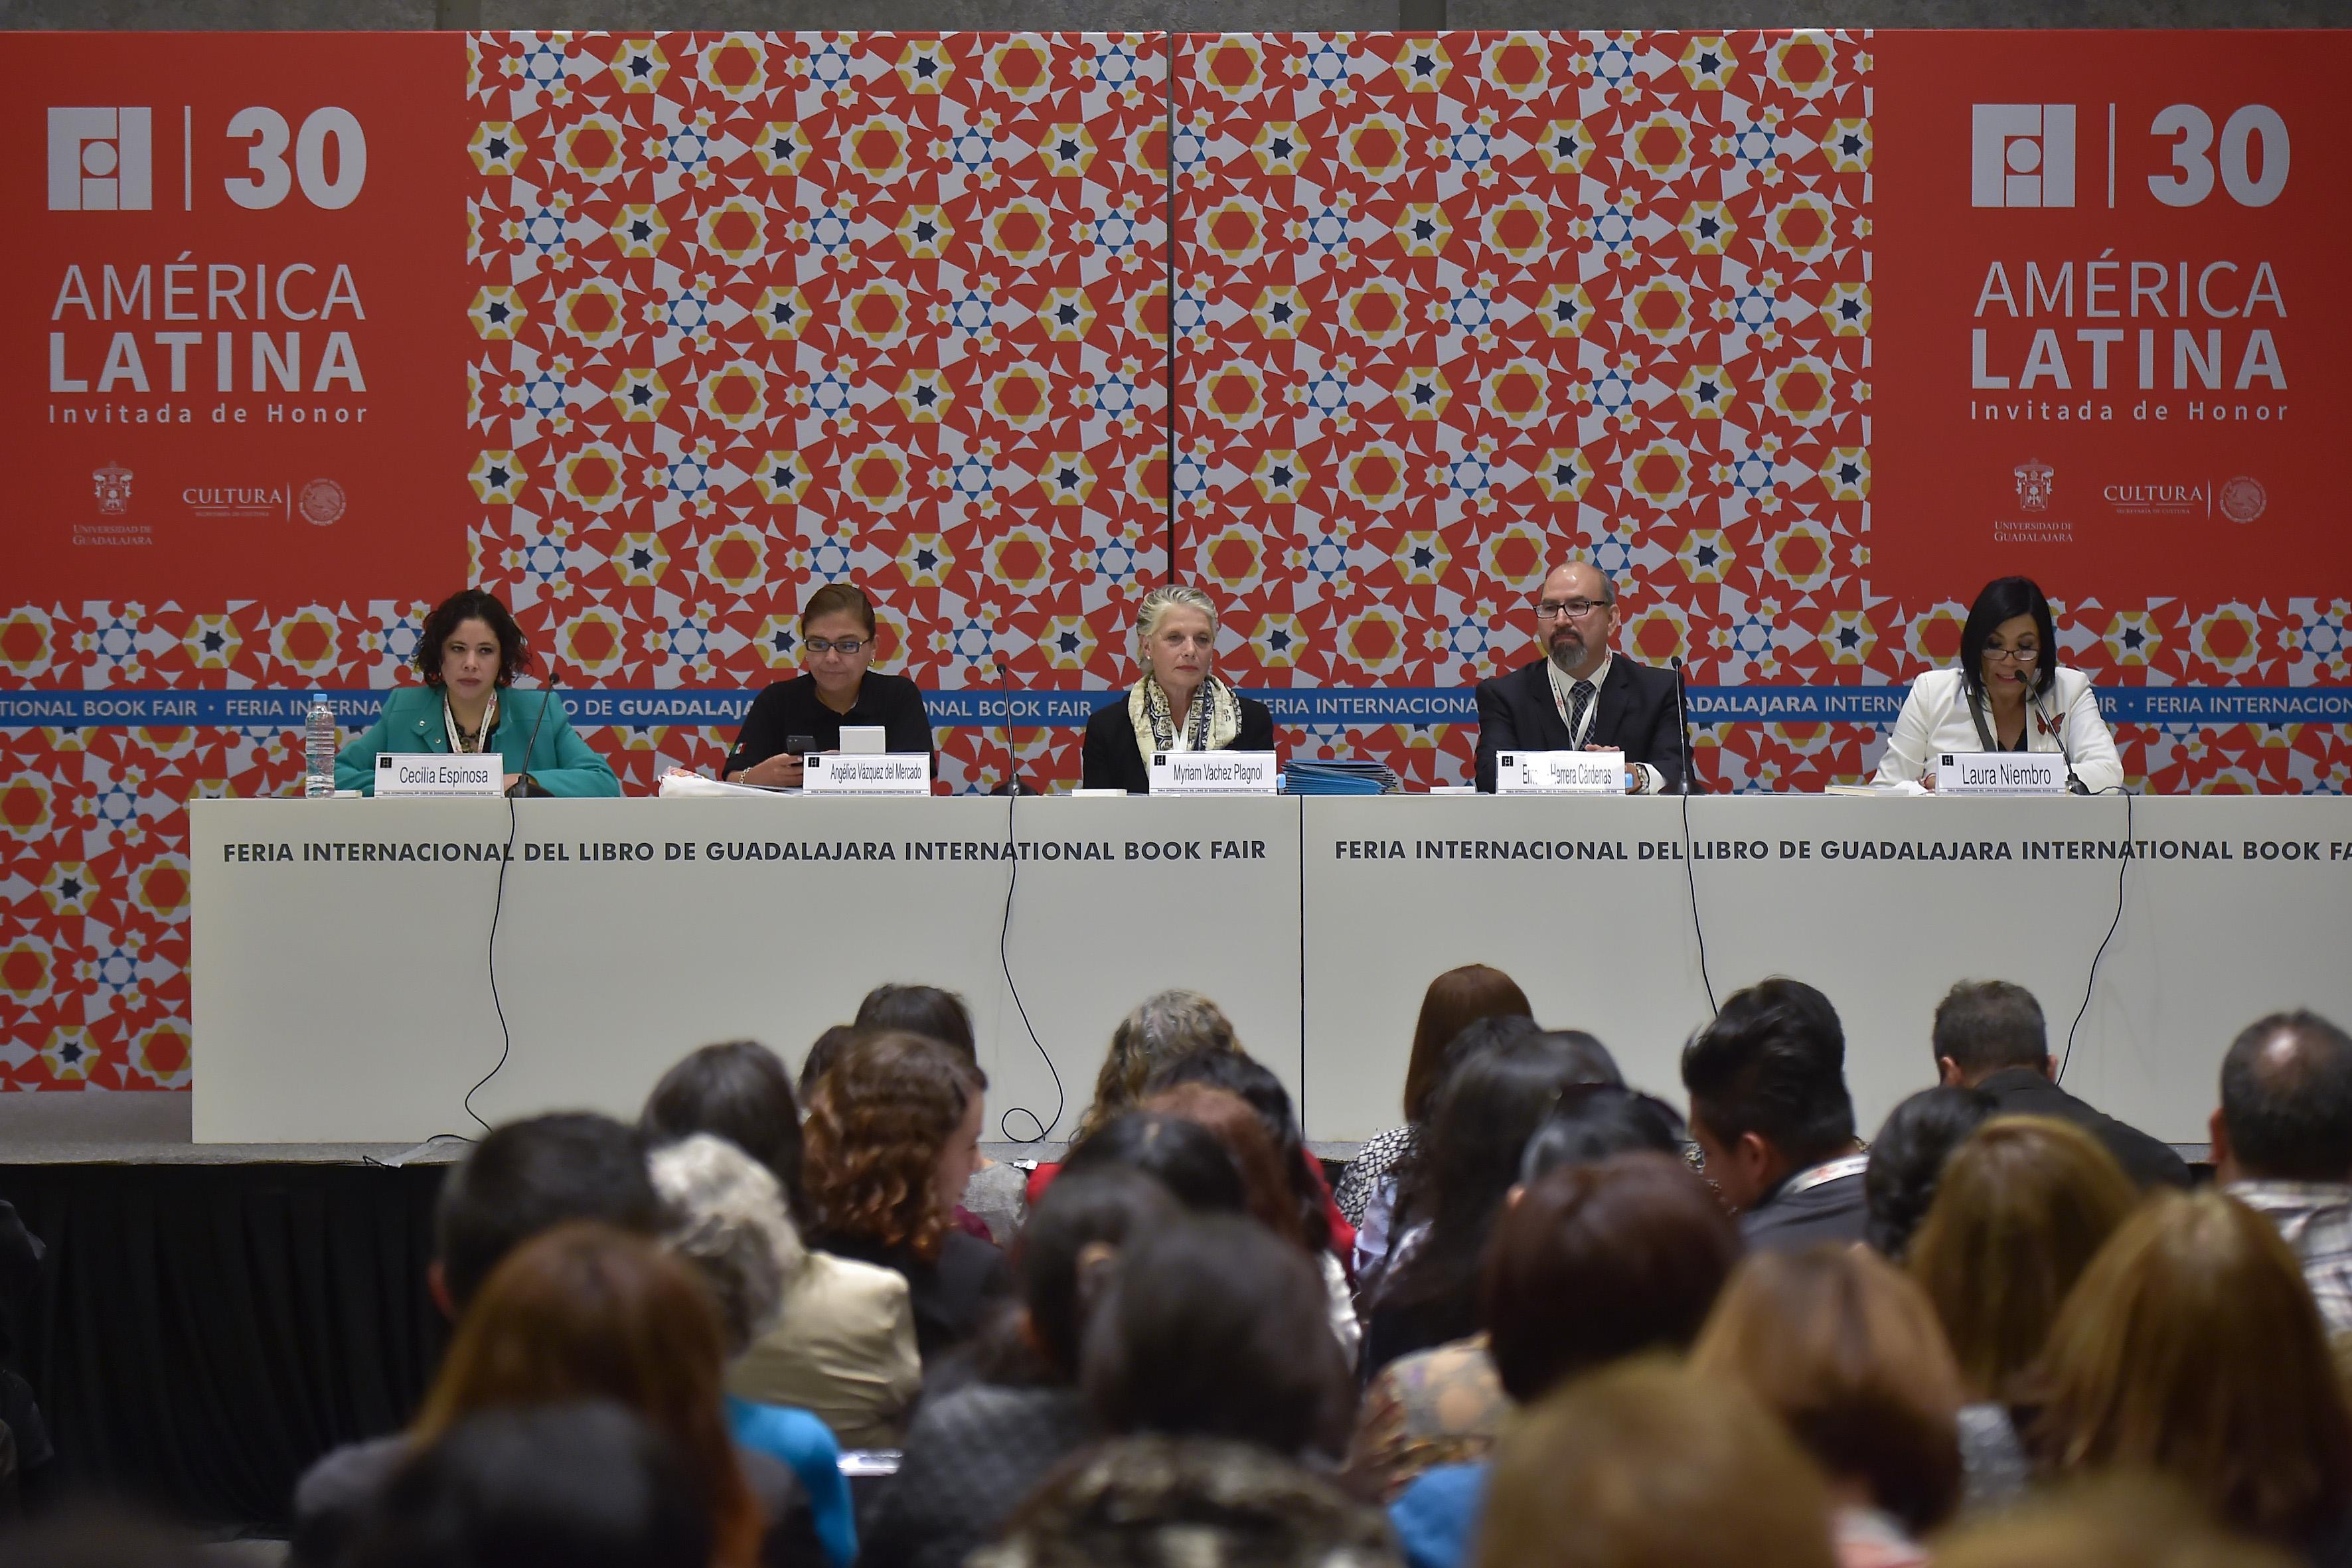 Laura Niembro, directora de Contenidos de la FIL, con micrófono en mesa del panel, haciendo uso de la palabra.